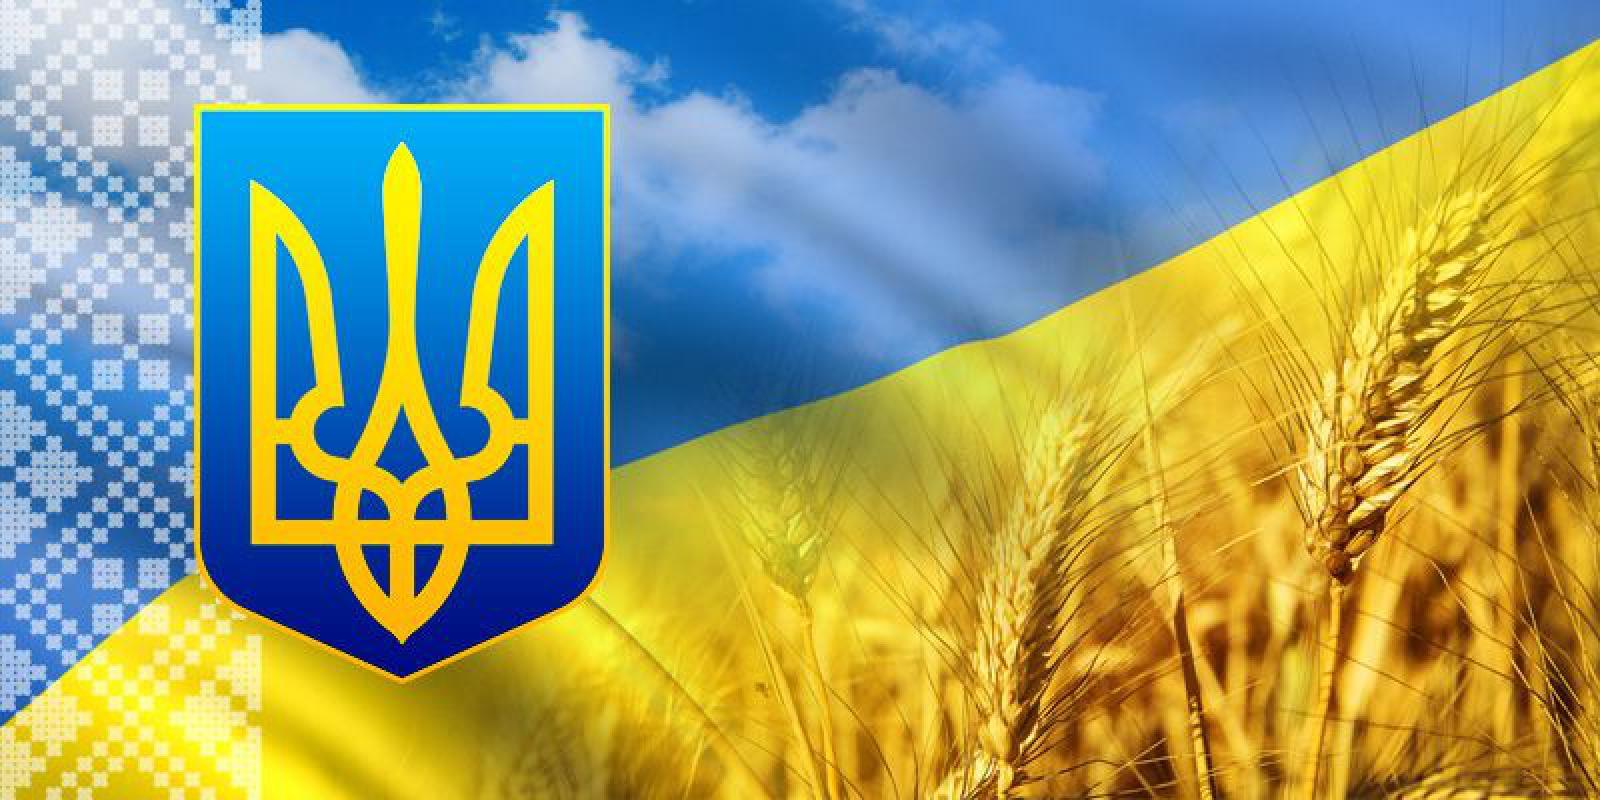 патриотичные картинки про украину весьма странное зрелище